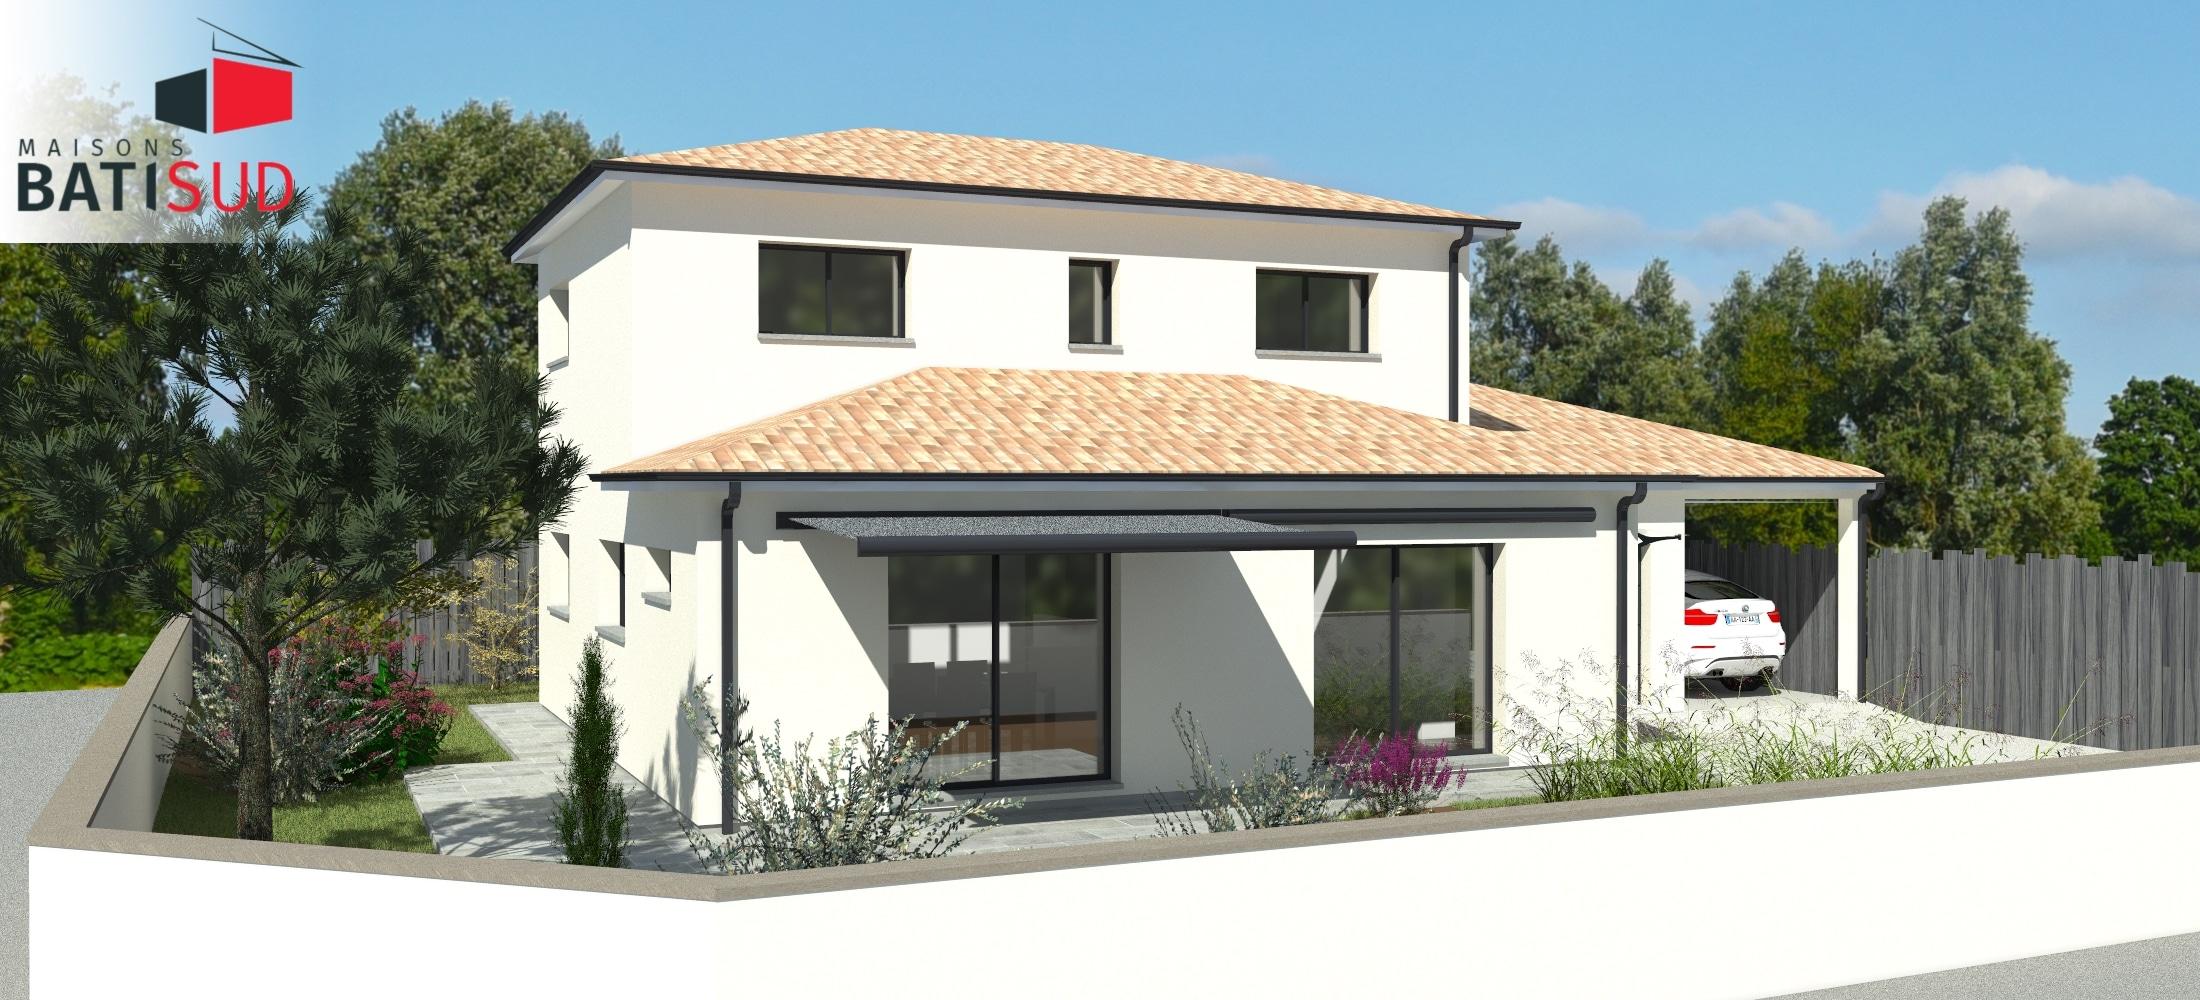 maison bati sud saint m dart construction home maisons. Black Bedroom Furniture Sets. Home Design Ideas